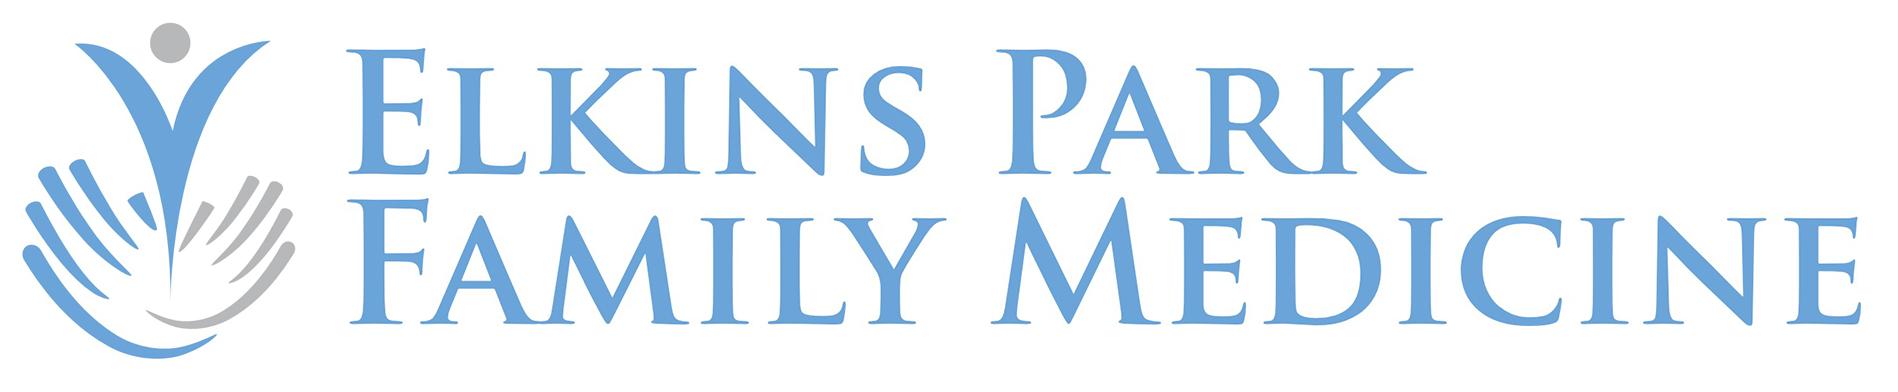 Elkins Park Family Medicine